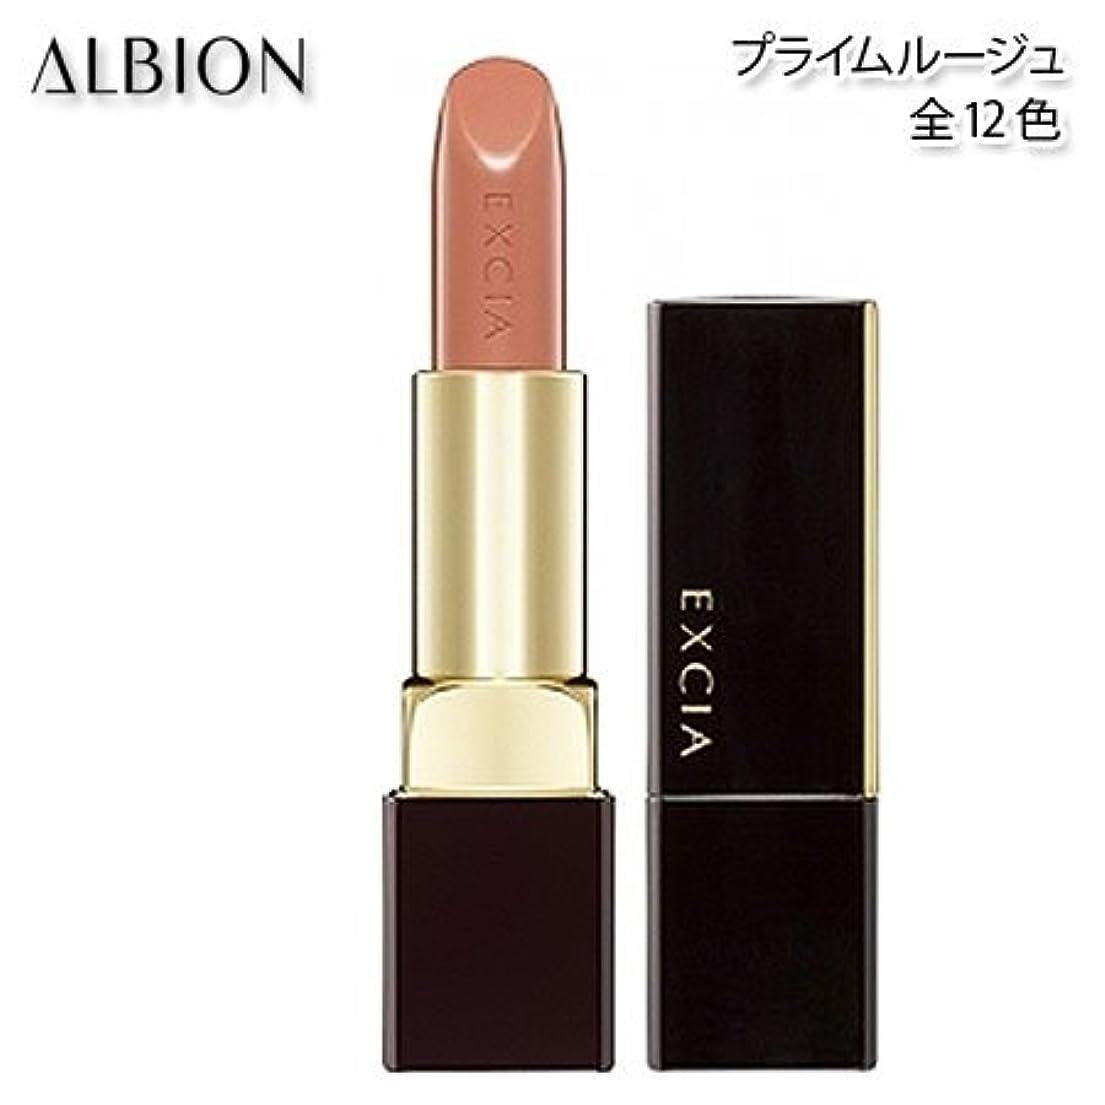 報復カヌーリラックスしたアルビオン エクシア AL プライムルージュ 4.2g 12色 -ALBION- OR201